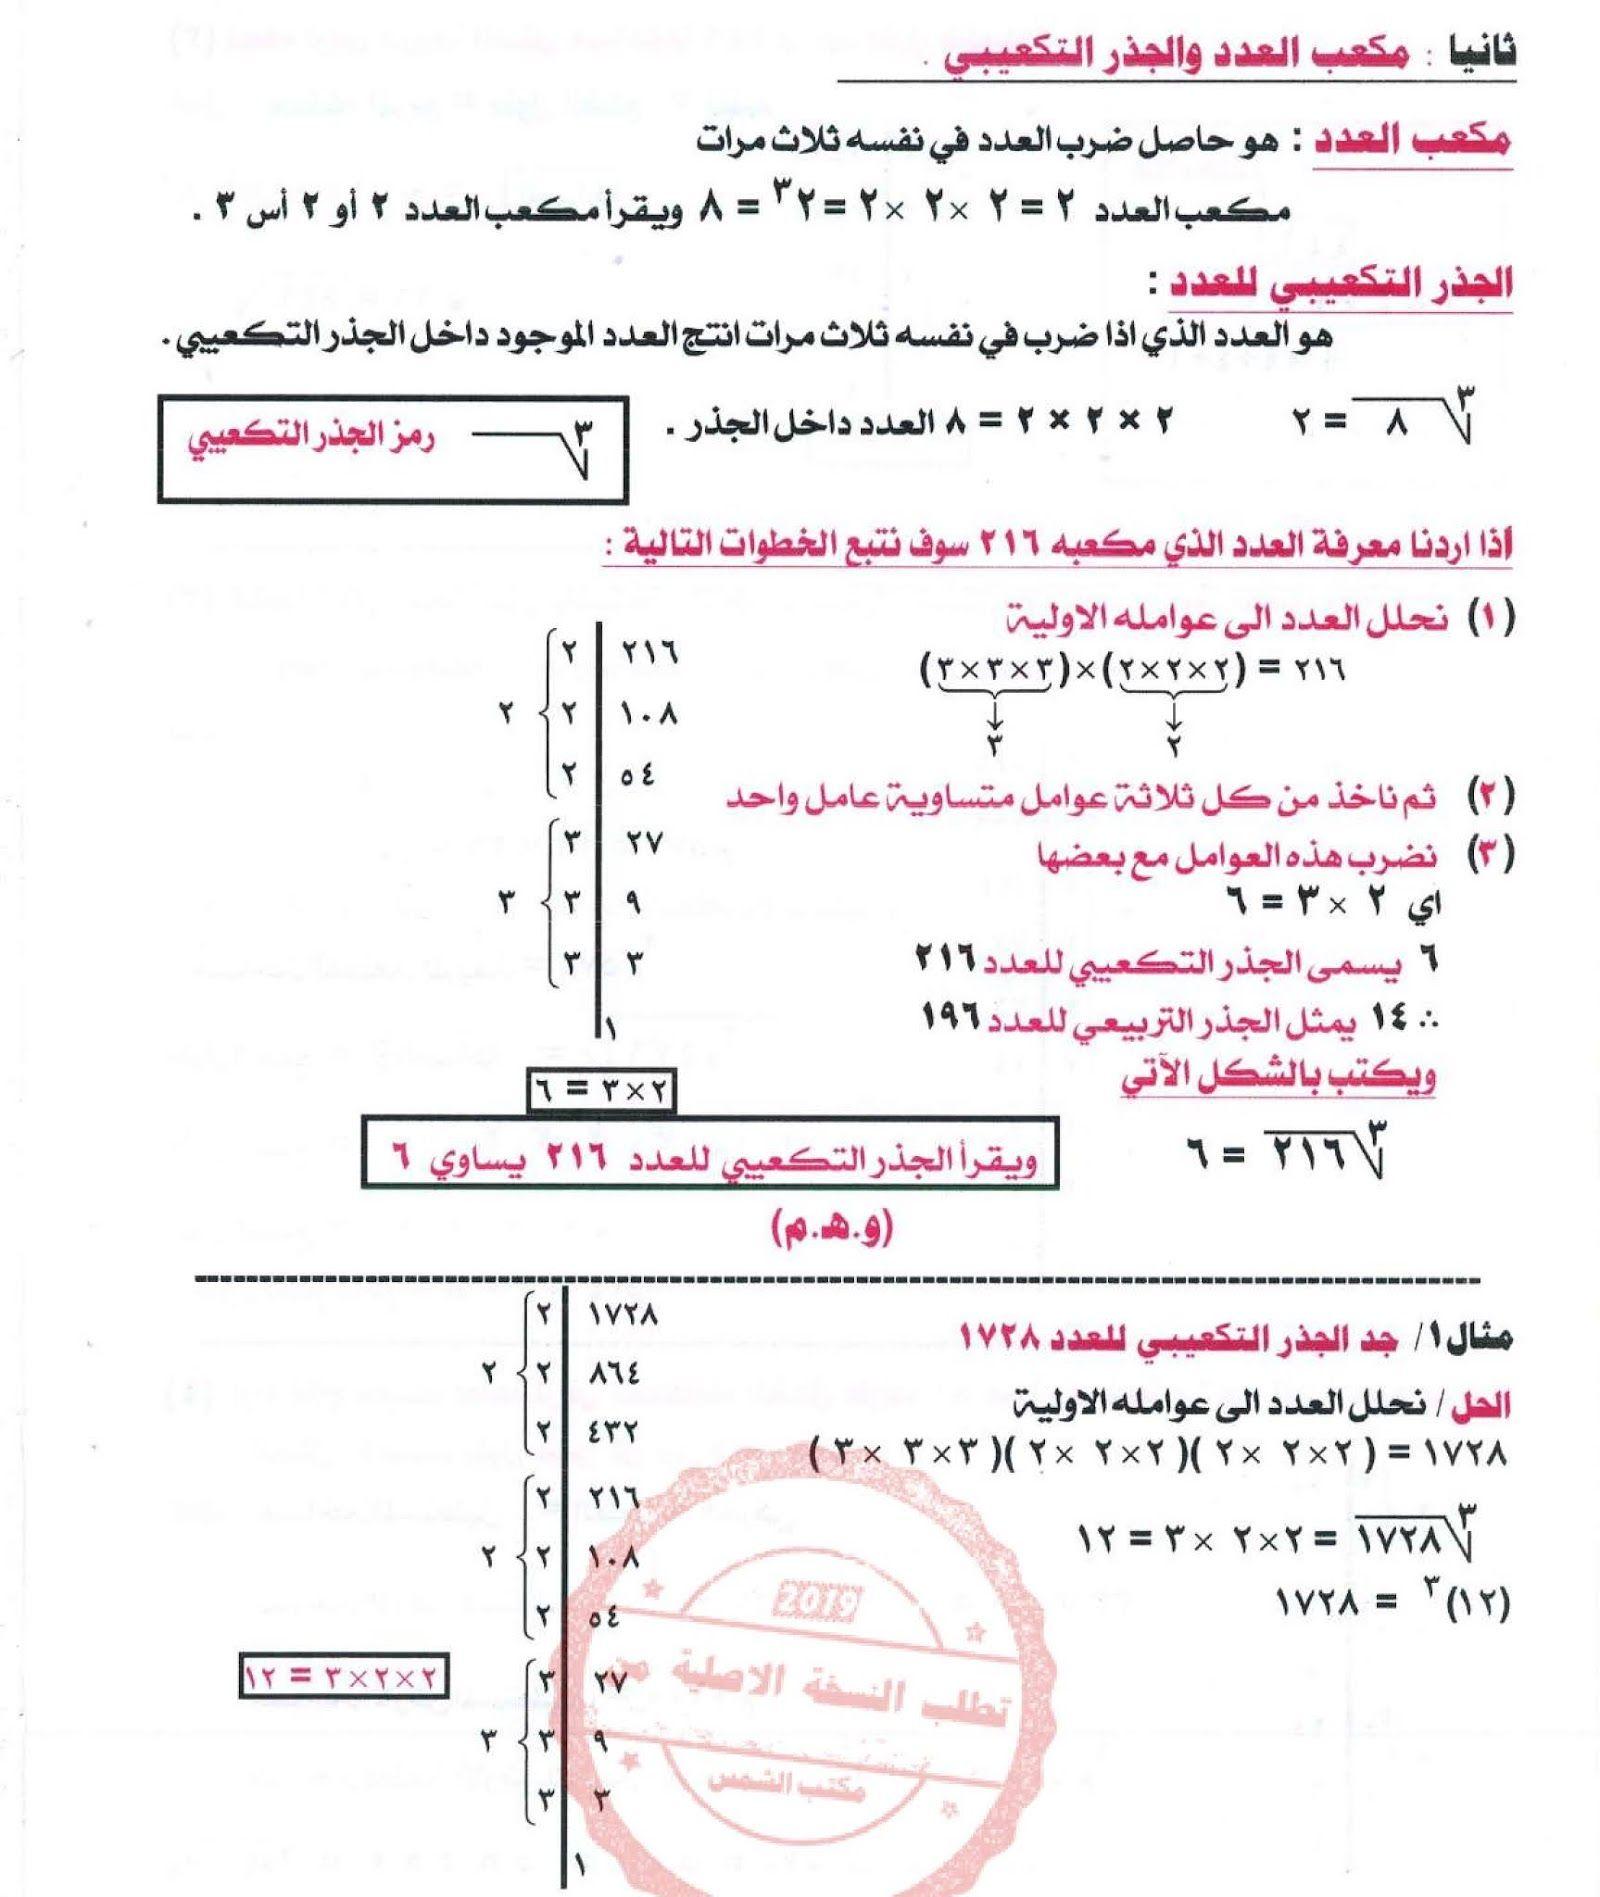 اوراق شرح الدرس الثاني رياضيات السادس الابتدائي الجذور التكعيبية مع حل تمارين 2 3 ص 26 حسب حذف التربية للعام الدراسي الجديد 2021 اه Bullet Journal Journal